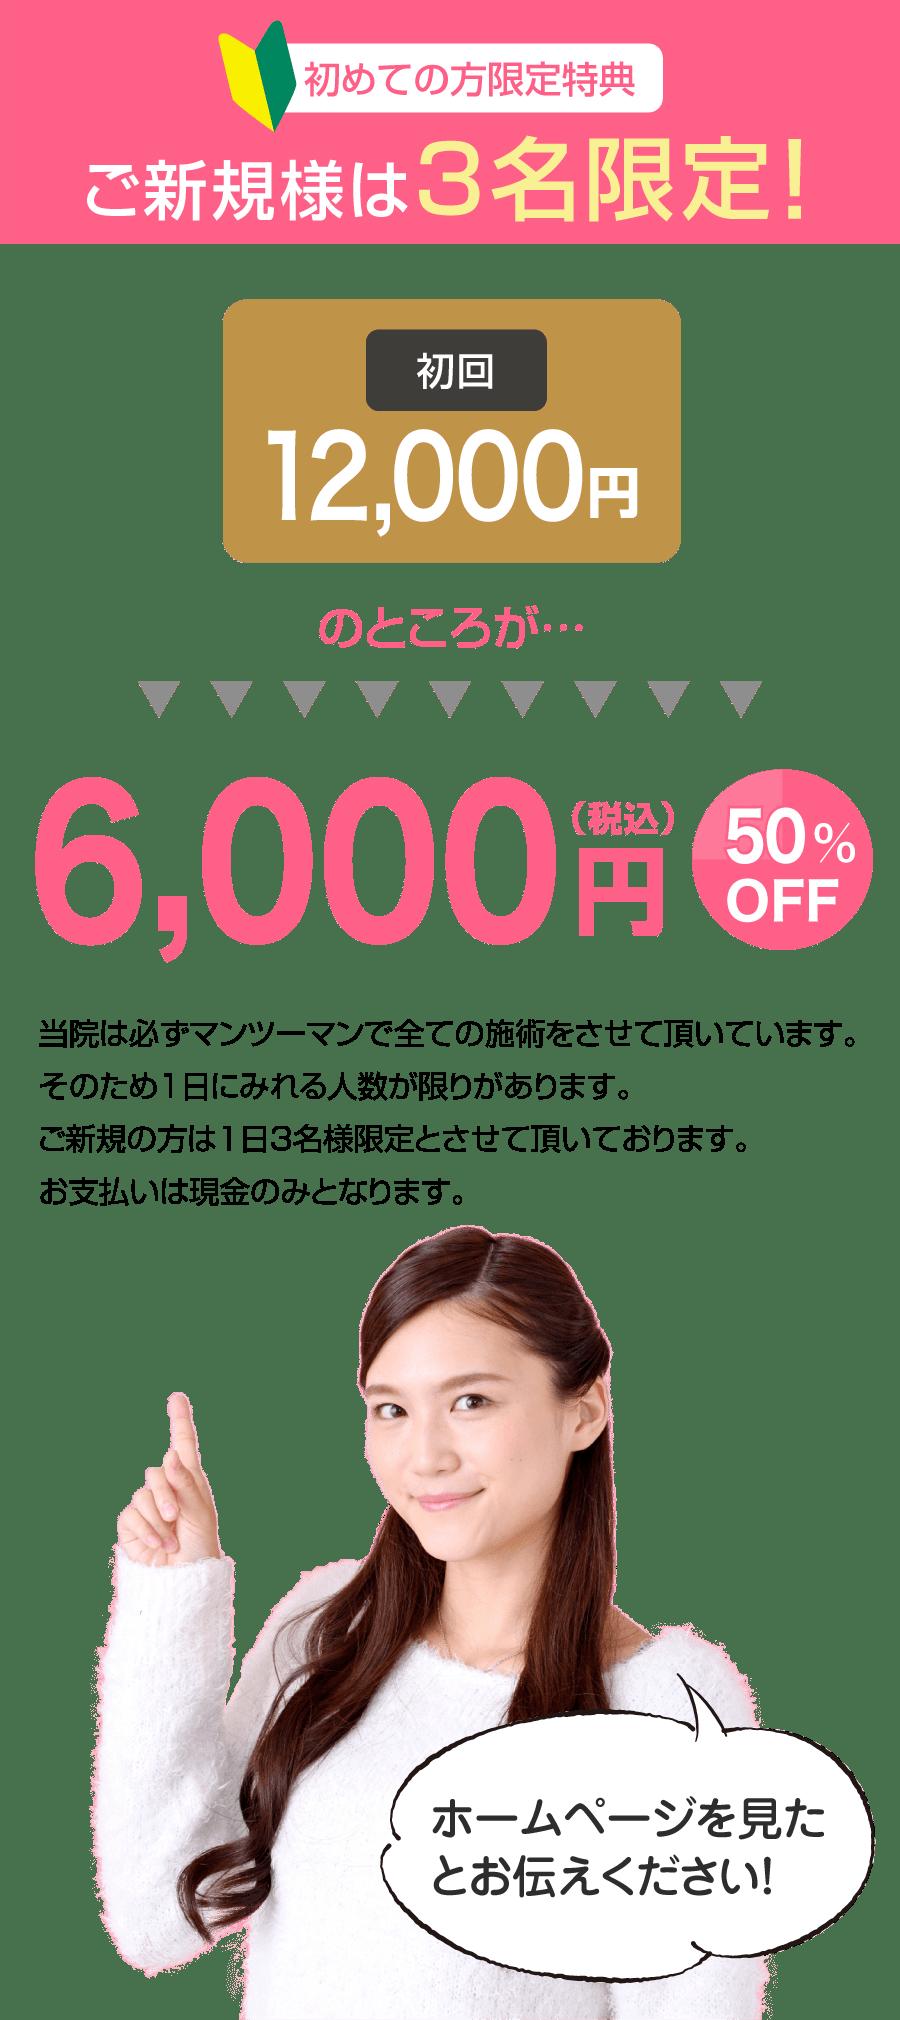 初めての方限定特典 2回で6000円!75%OFF